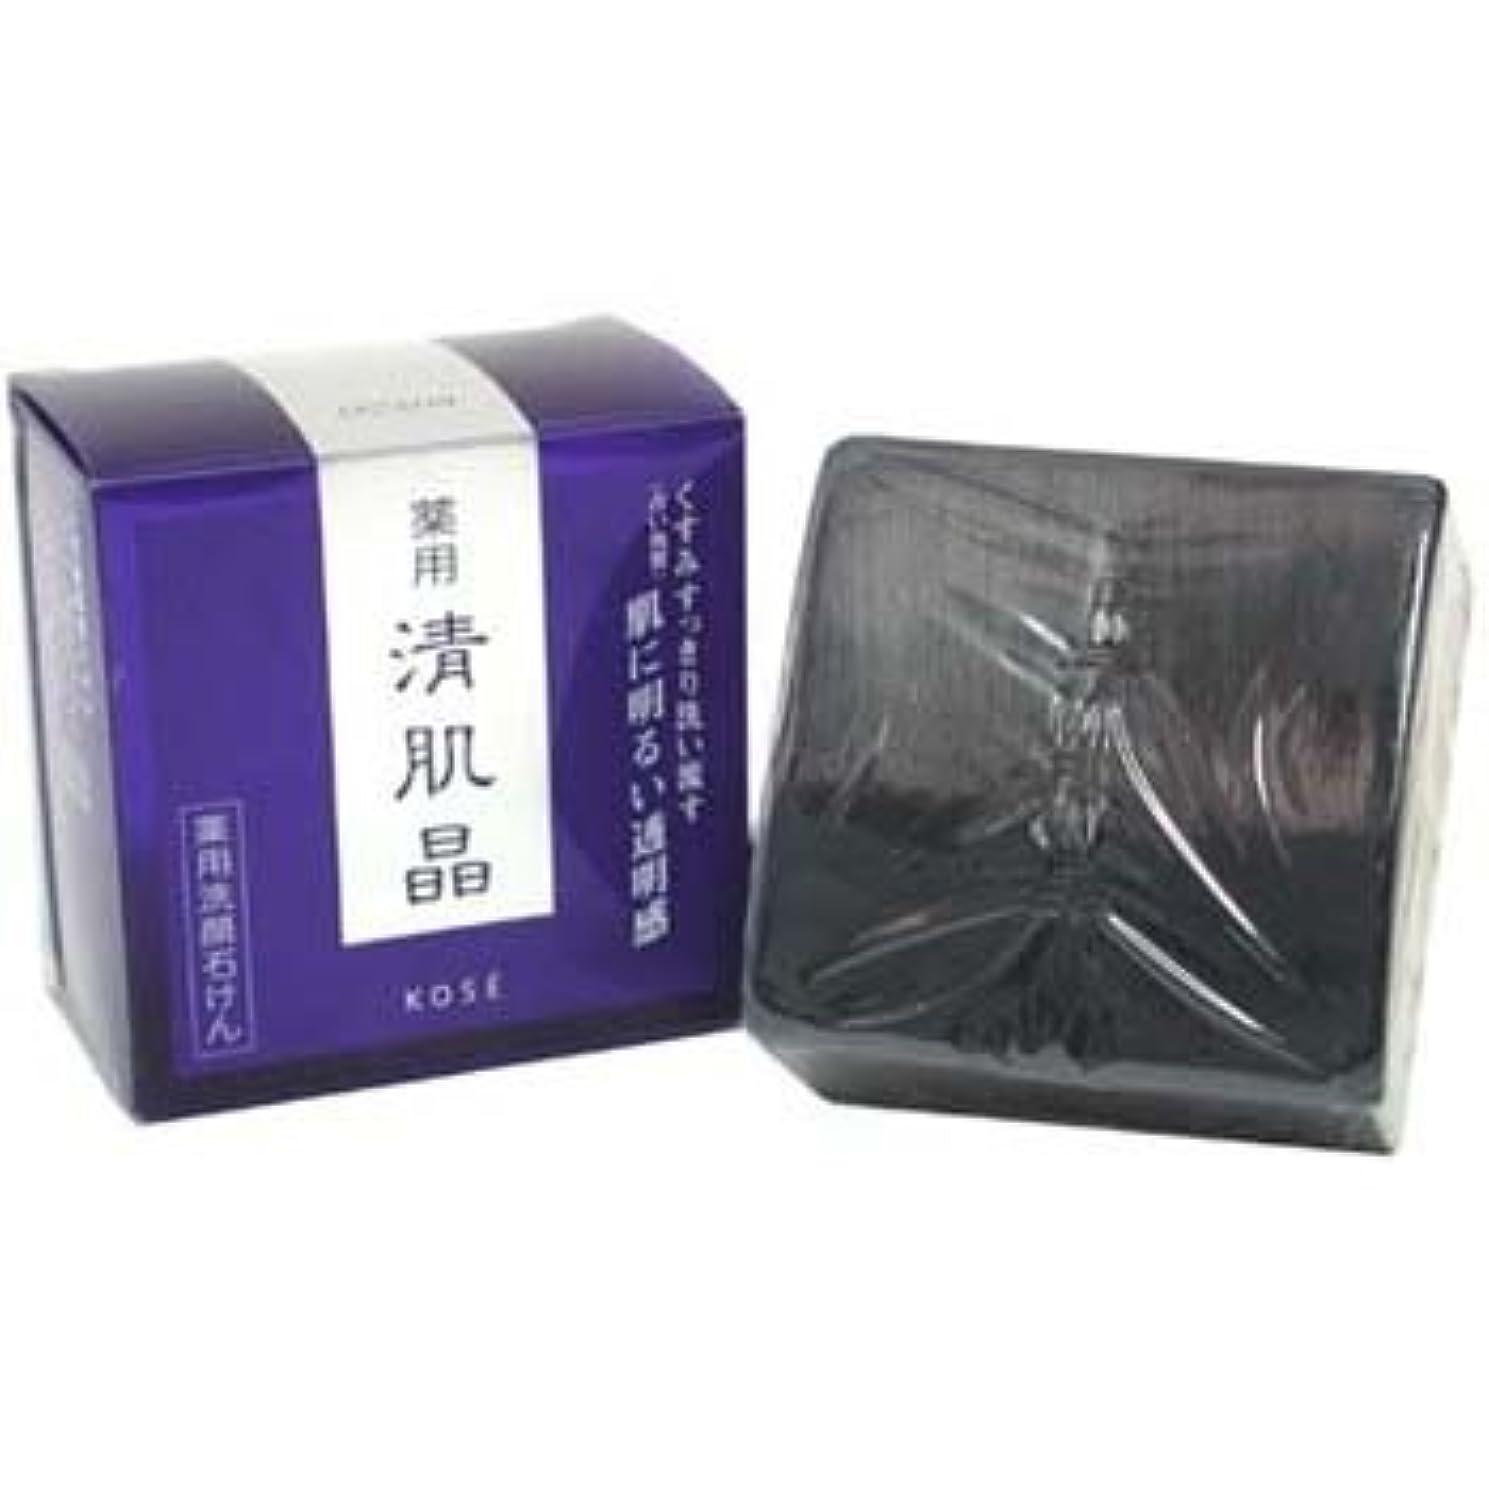 コーセー 薬用清肌晶 ソープ(リフィル) 120g [並行輸入品][海外直送品]